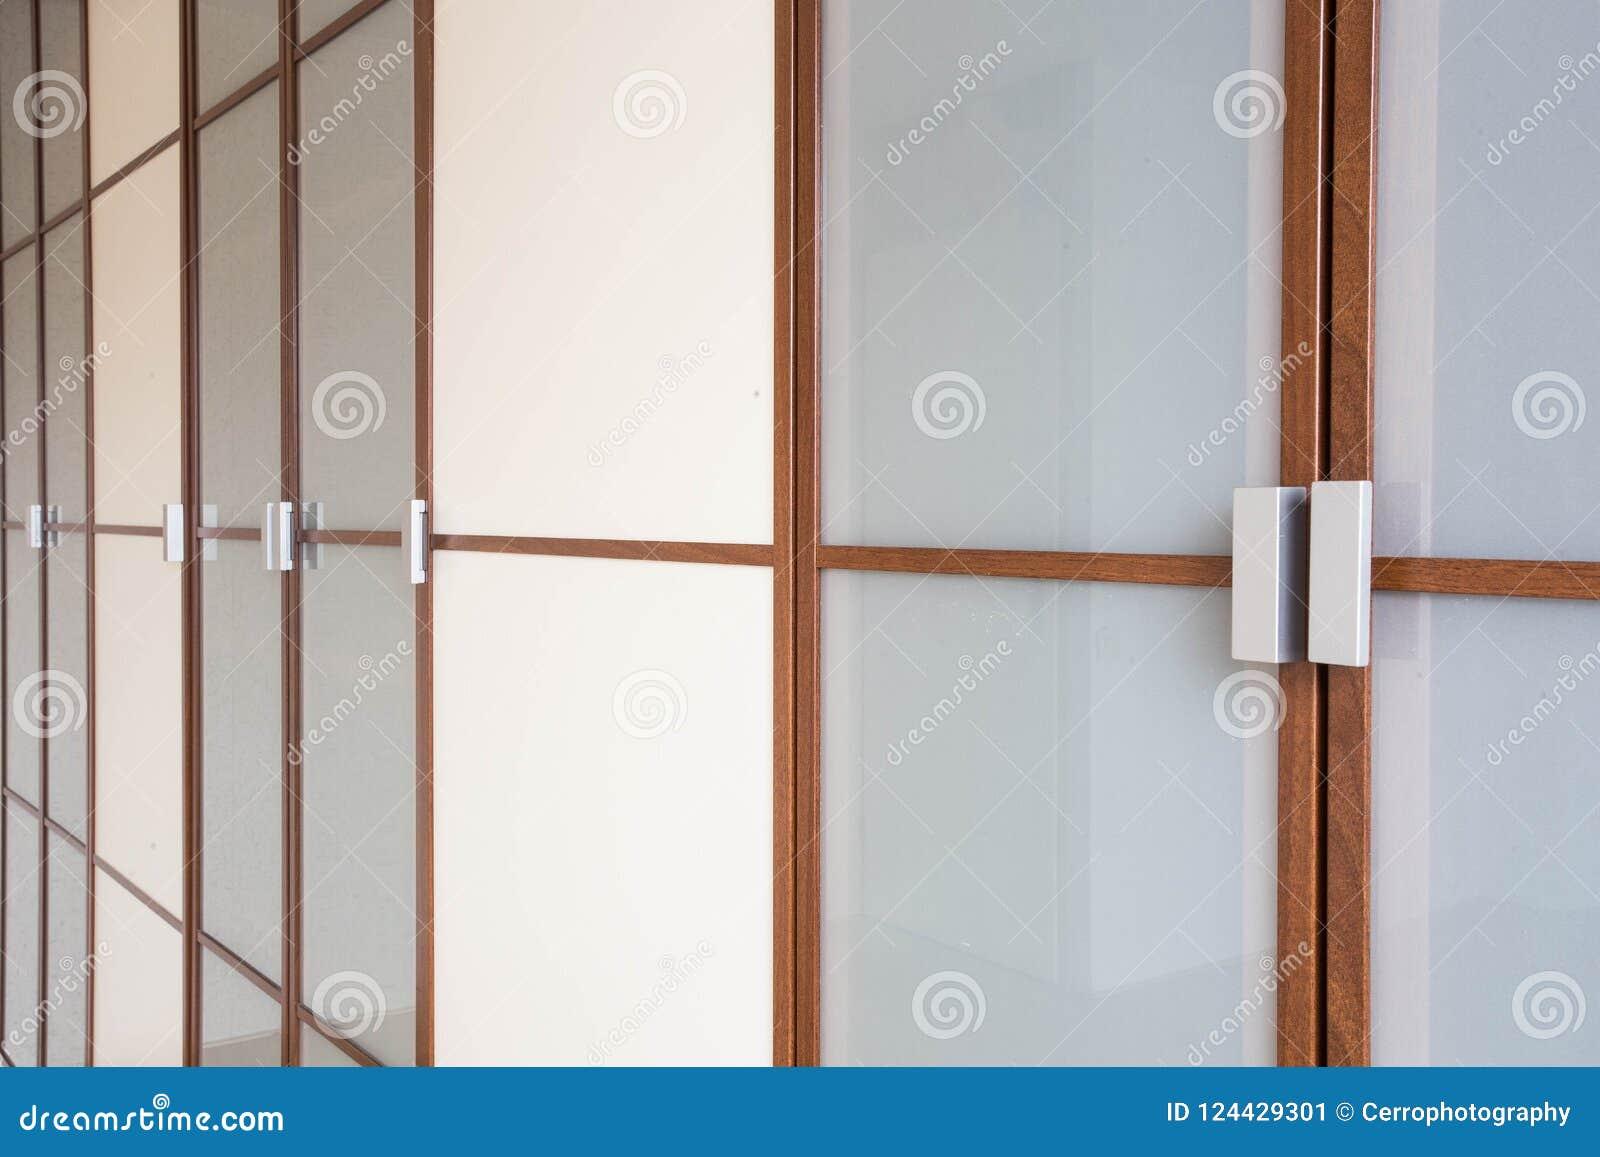 Primo piano bianco di legno delle porte di gabinetto per progettazione moderna dei vestiti nuova